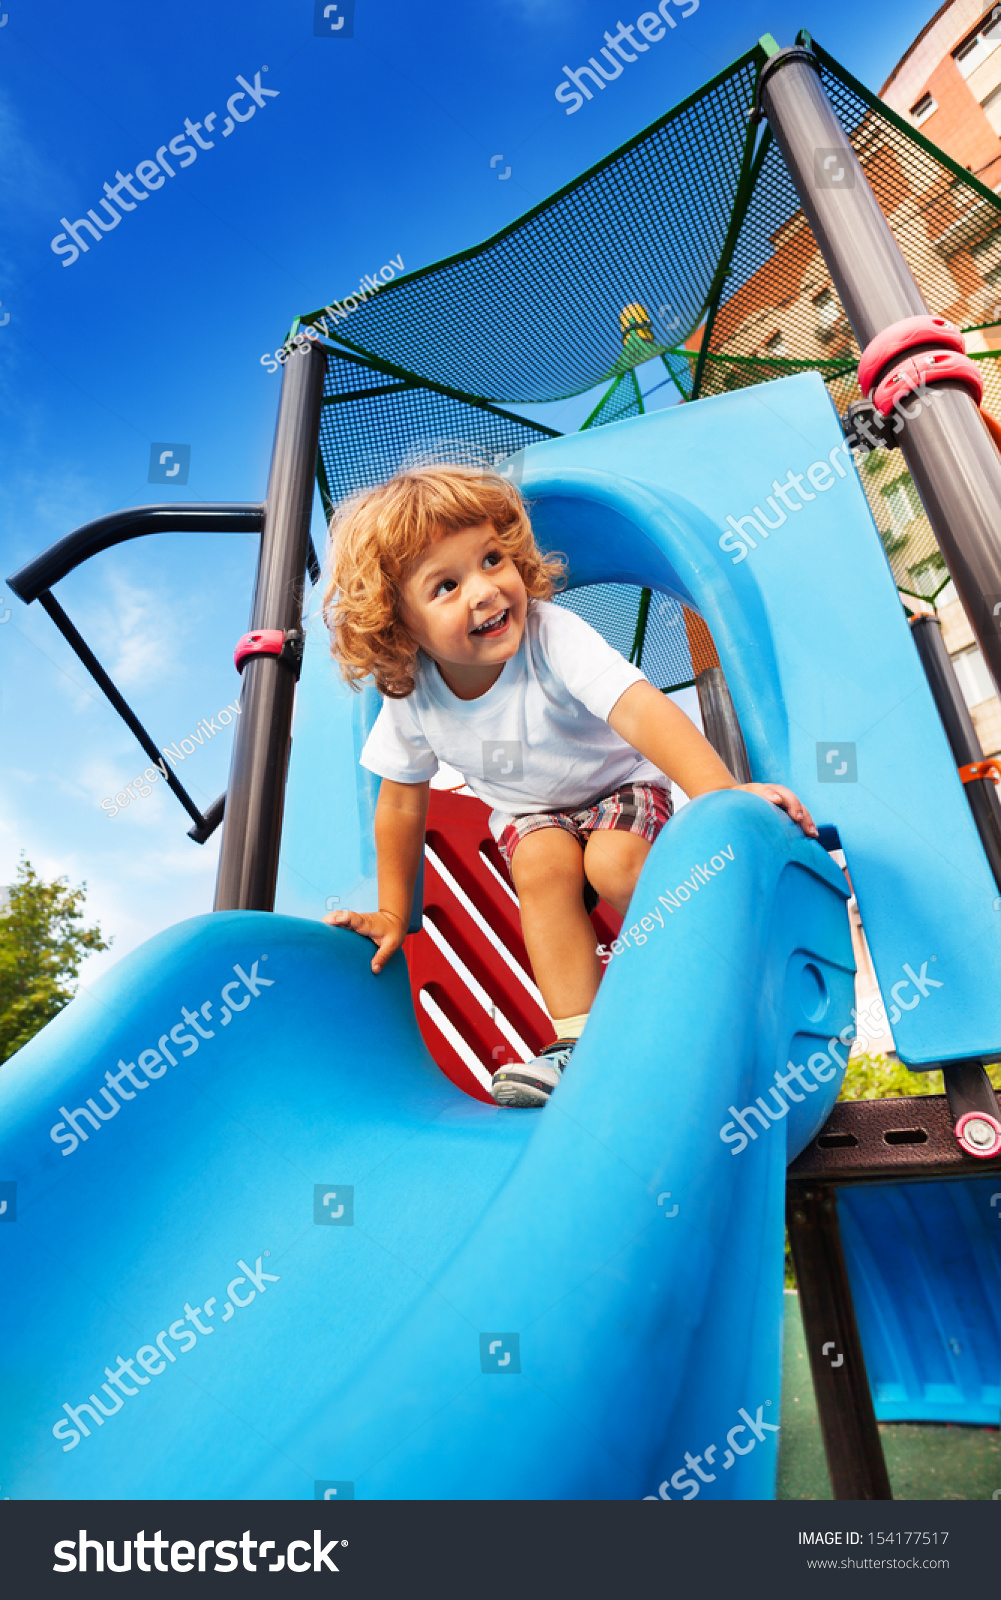 快乐的小男孩就要在蓝色的操场上滑行-人物-海洛创意